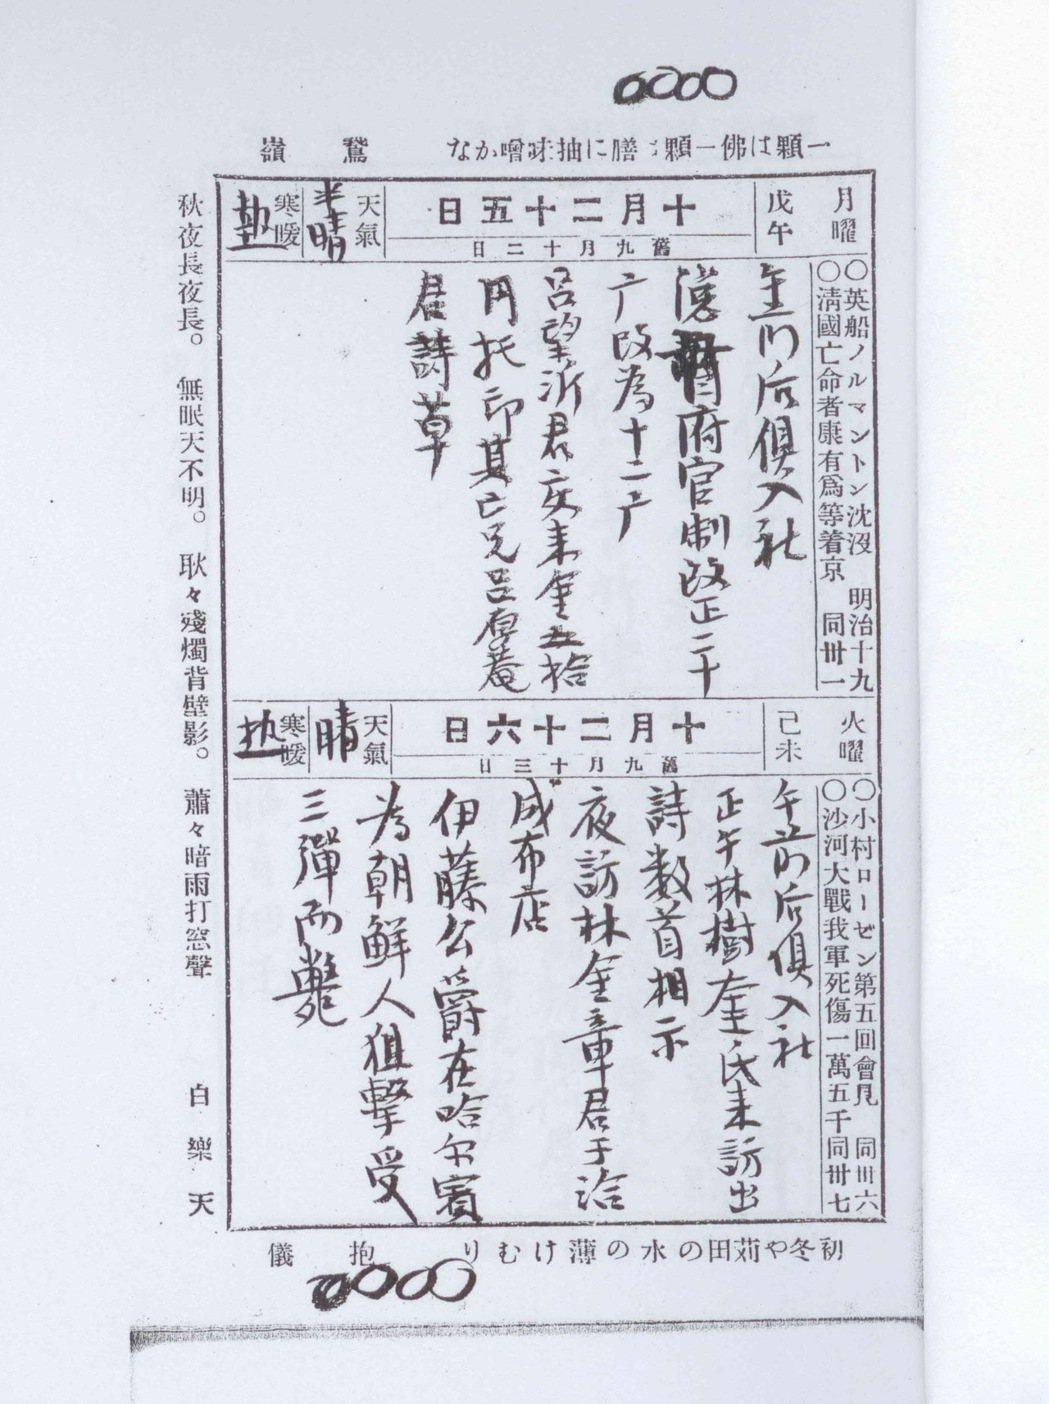 傅錫祺1909年10月26日日記,記載伊藤被槍殺。圖/廖振富提供